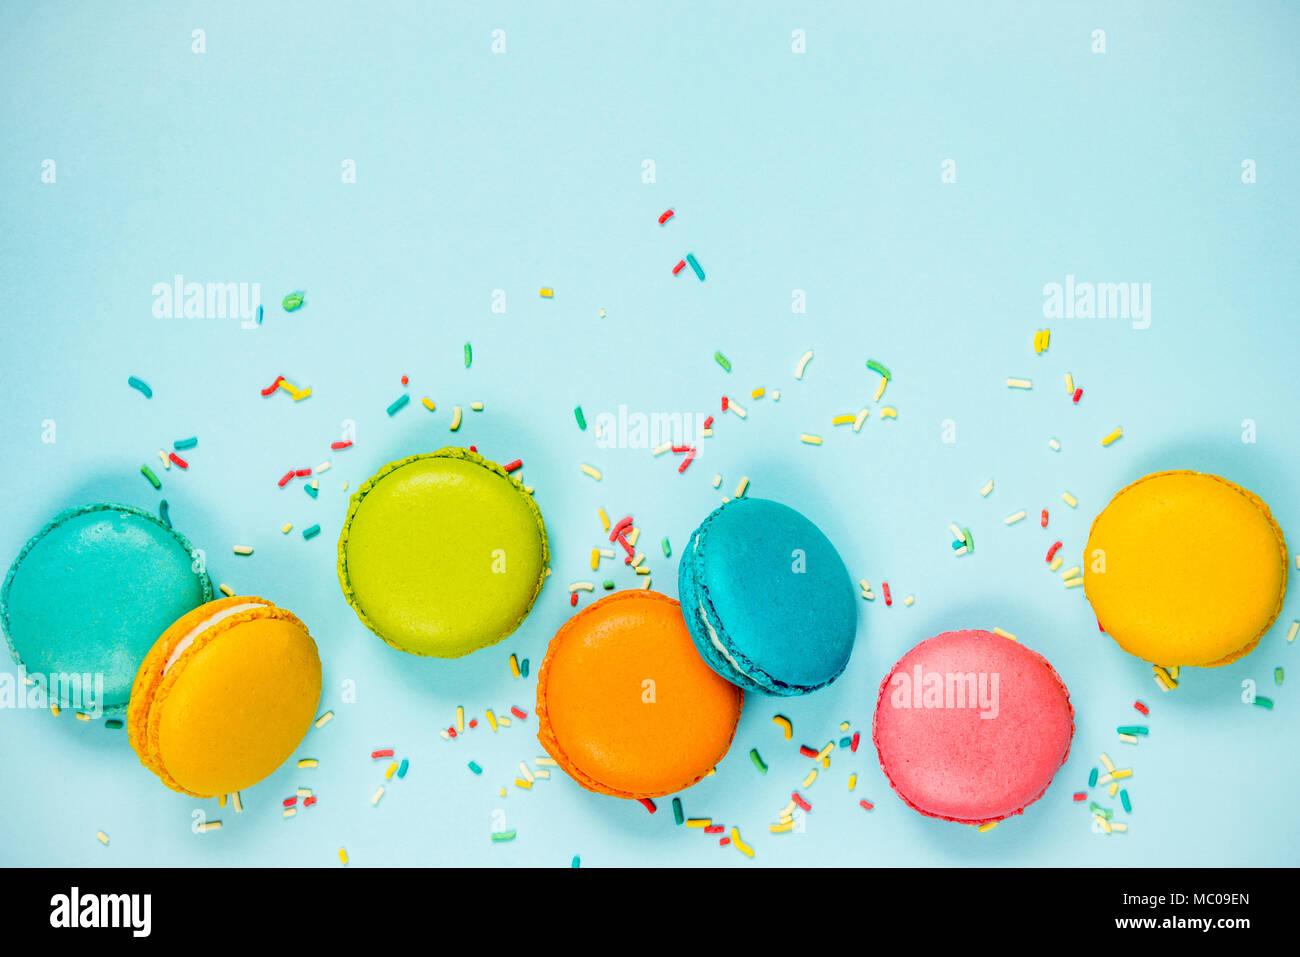 Vista dall'alto di coloratissimi amaretti e granelli di zucchero disposti su sfondo blu. Immagini Stock